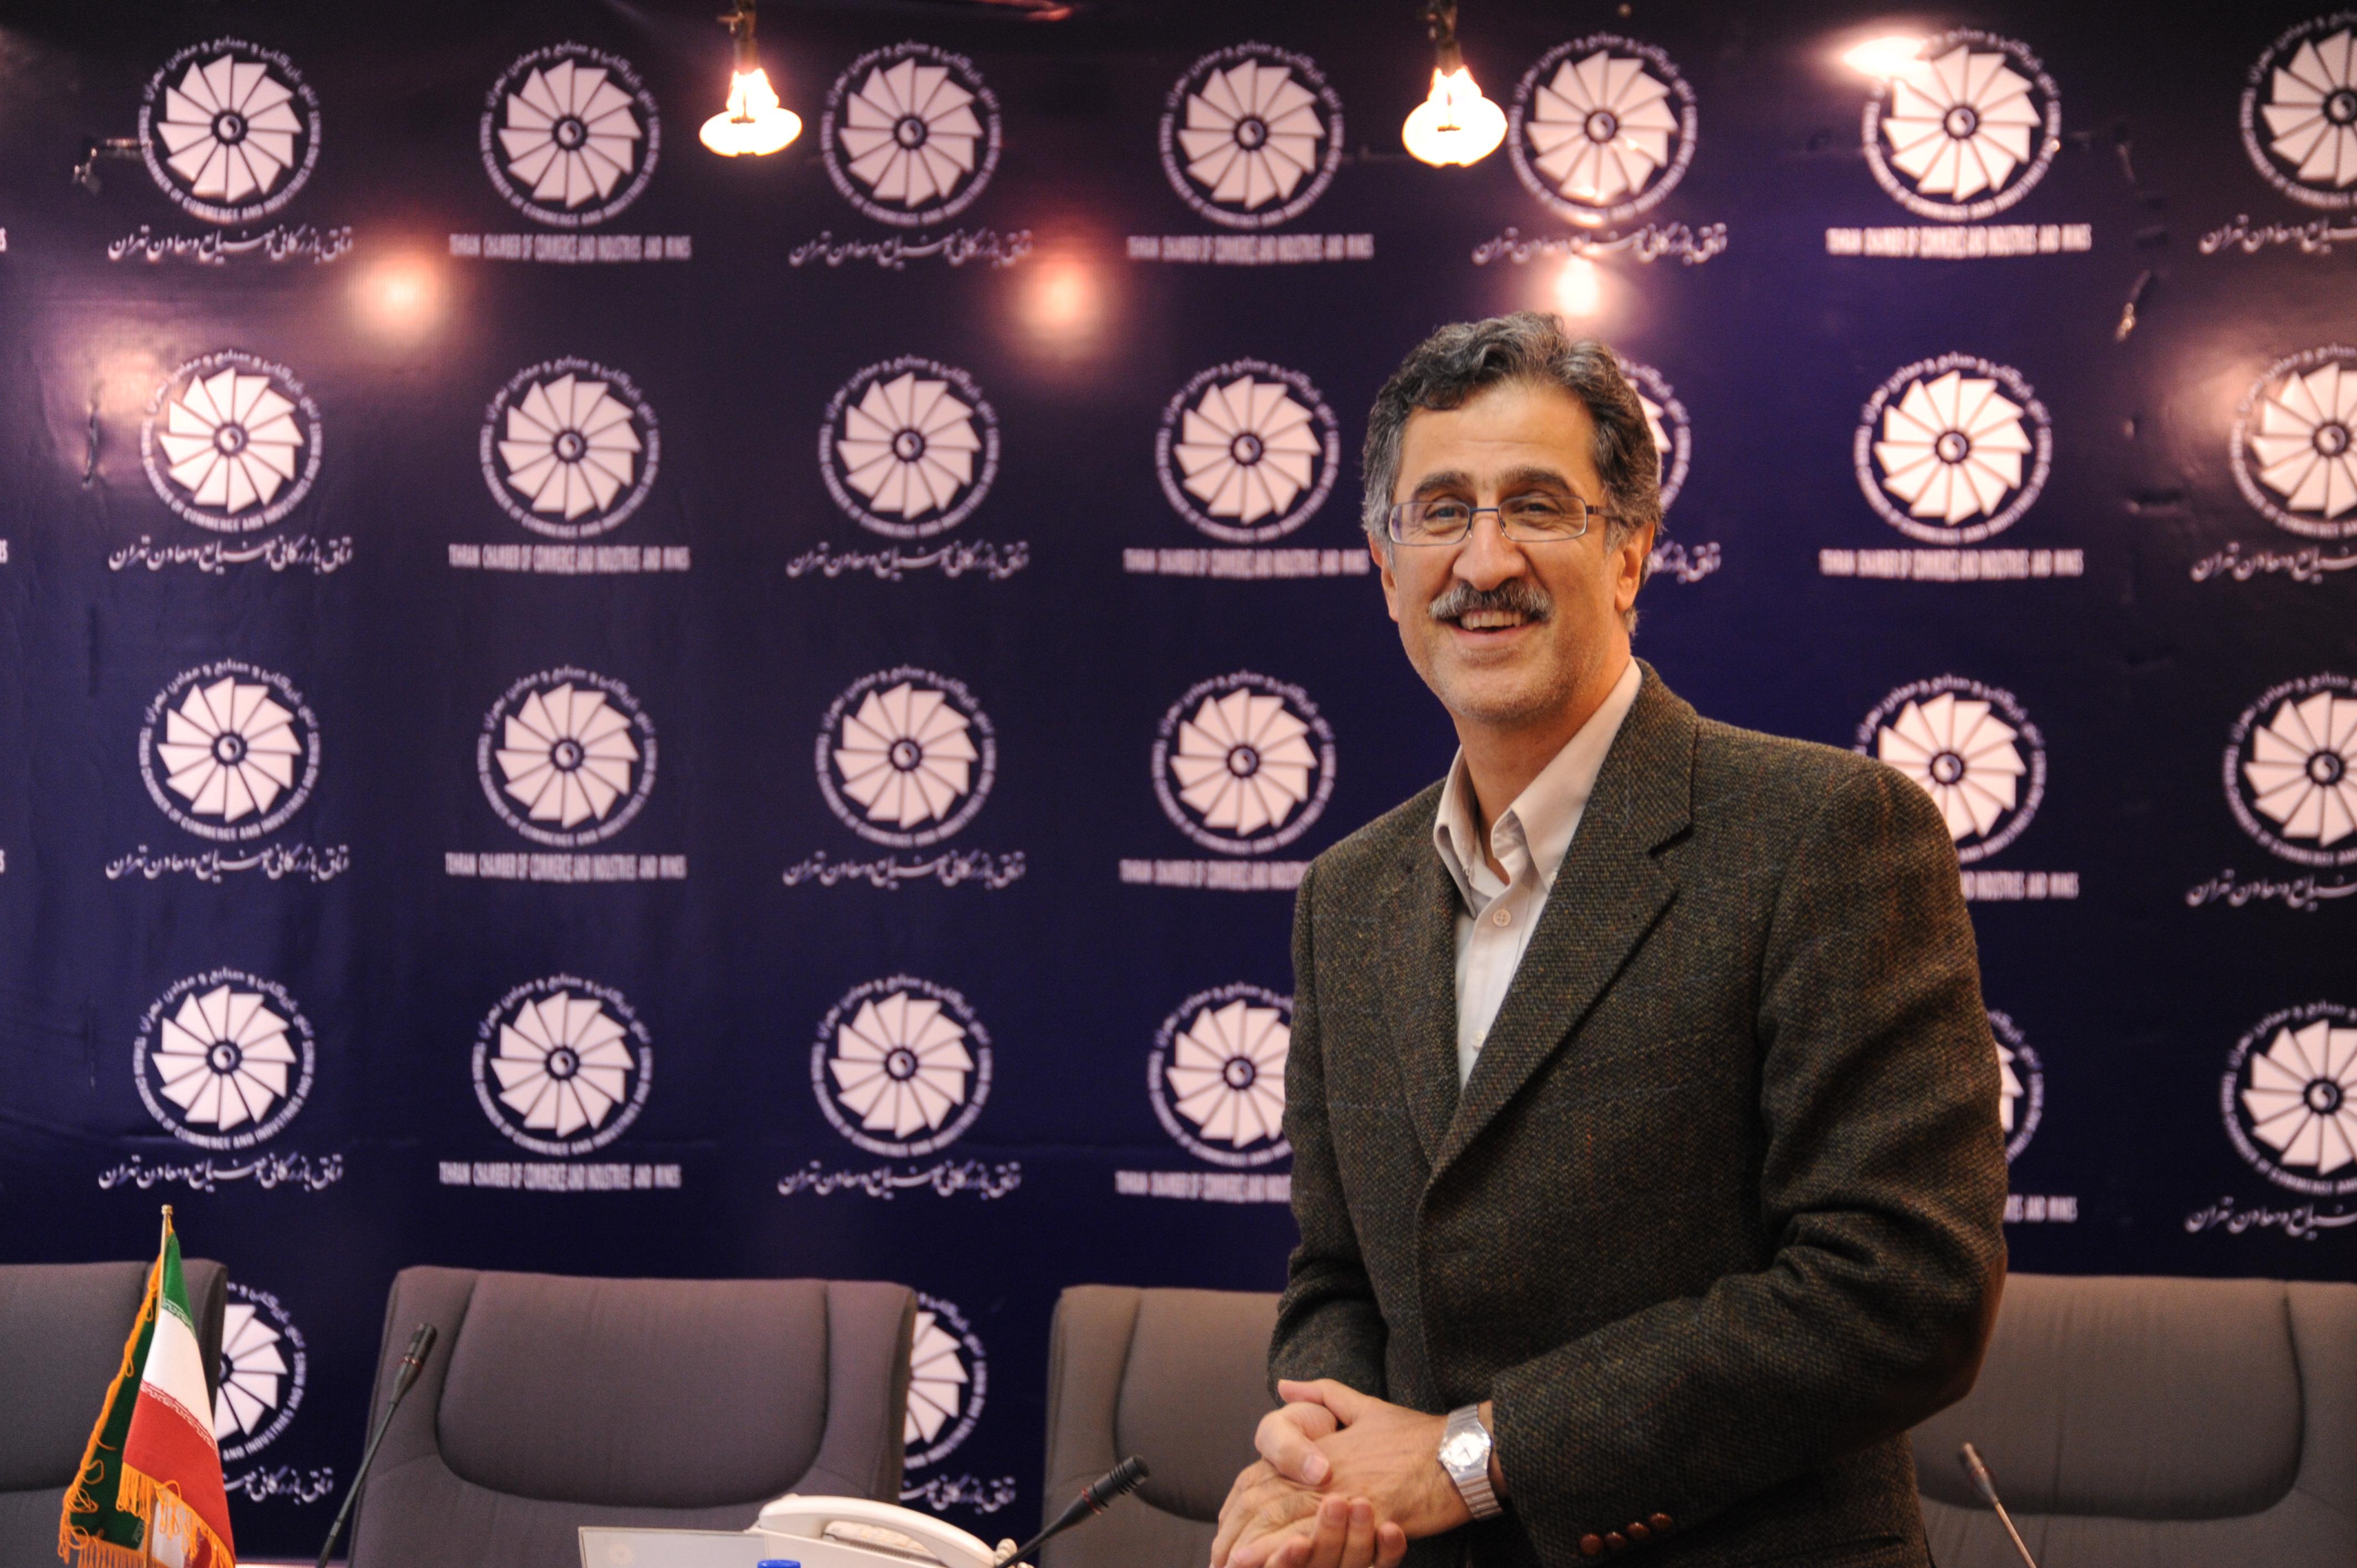 مسعود خوانساری رئیس اتاق بازرگانی تهران شد